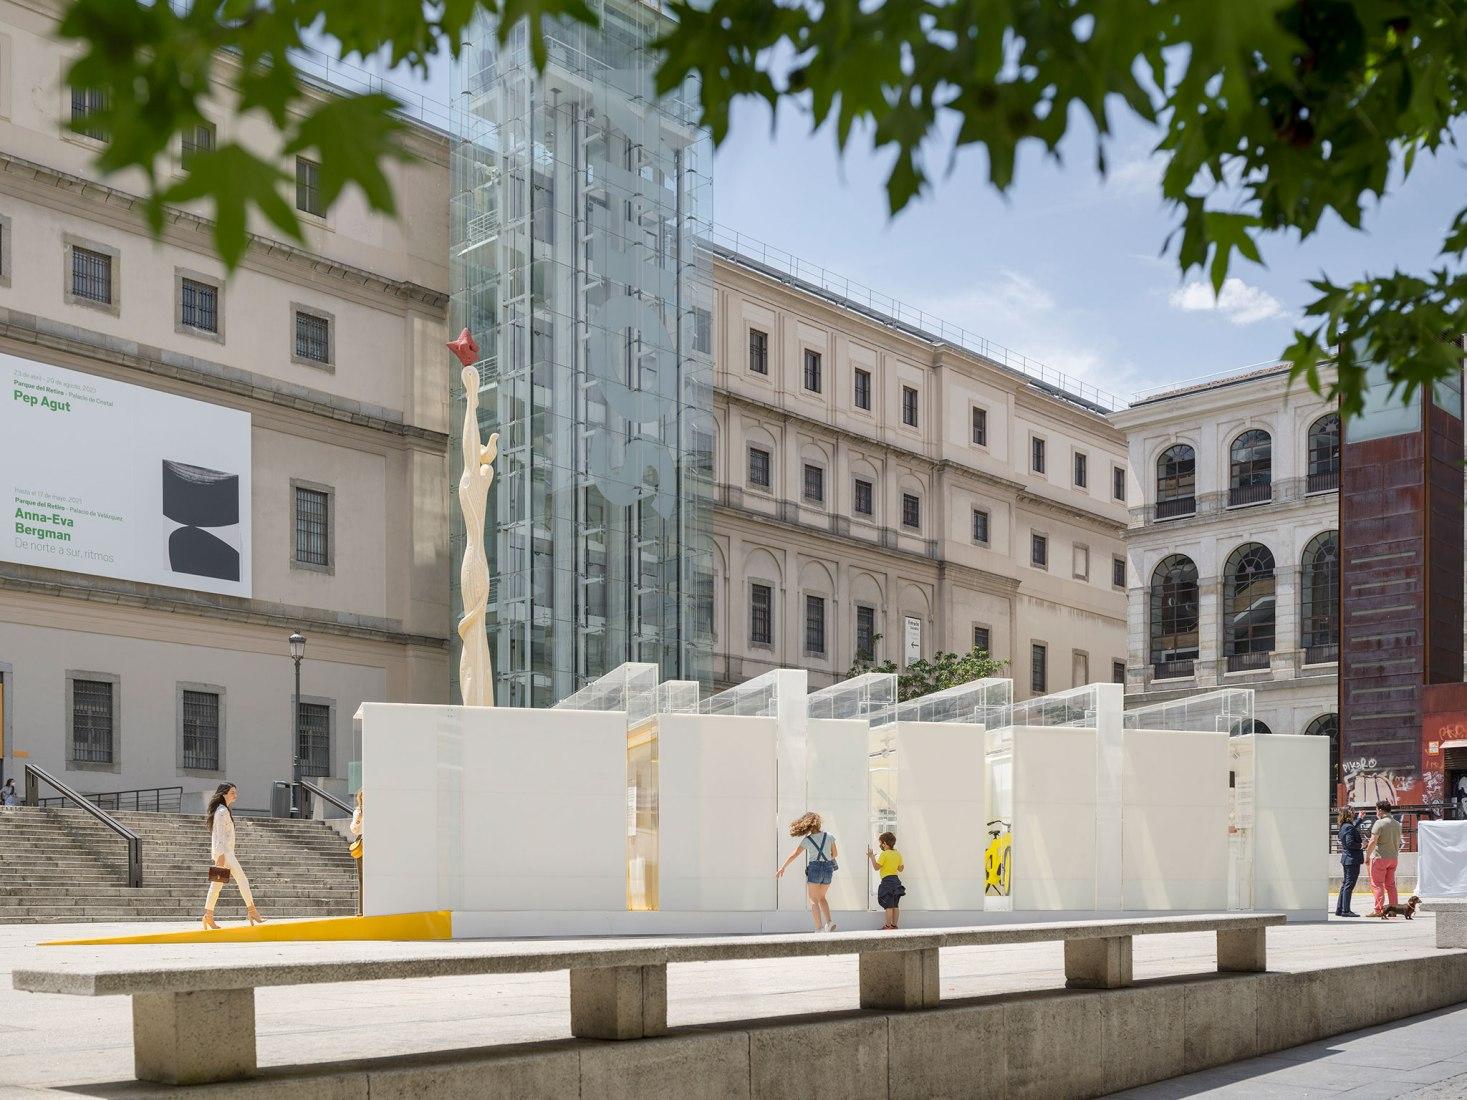 The Plastic Museum por delaVegaCanolasso. Fotografía por Imagen Subliminal (Miguel de Guzmán + Rocío Romero).